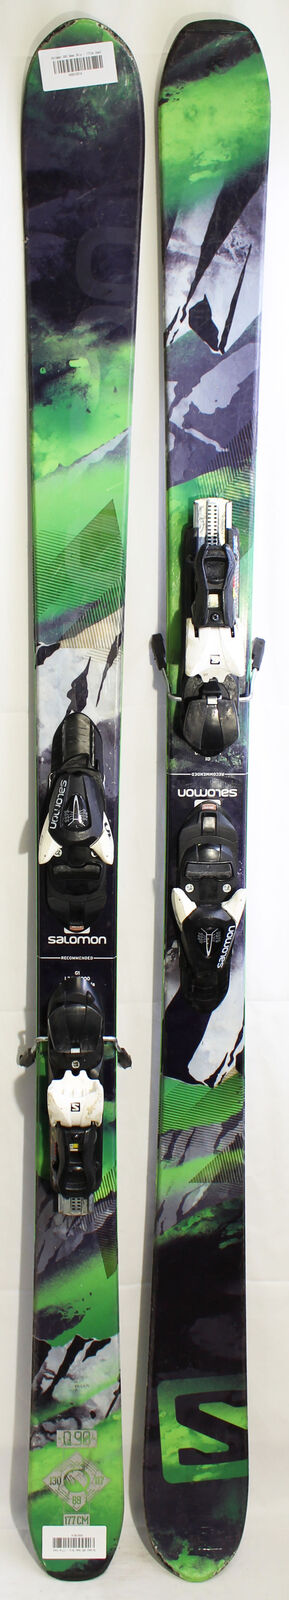 Salomon Q90 Demoskis - 177cm Gebraucht